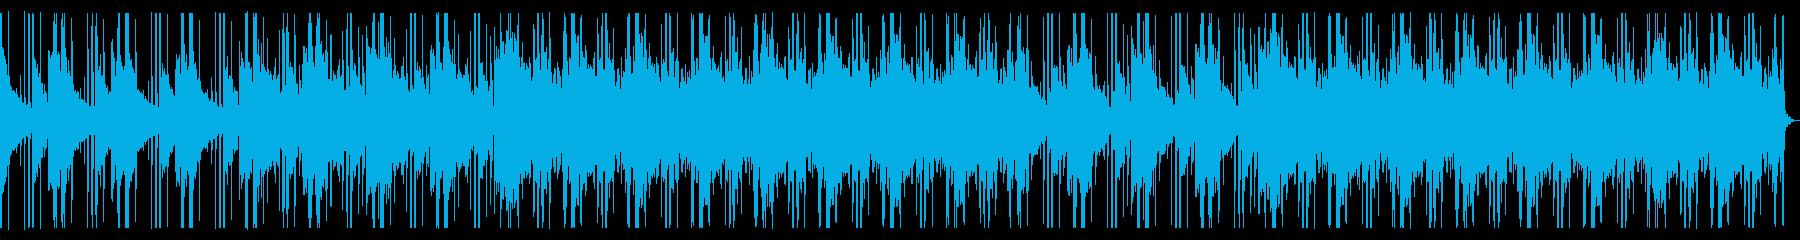 解放されるようなBGM_No631_1の再生済みの波形